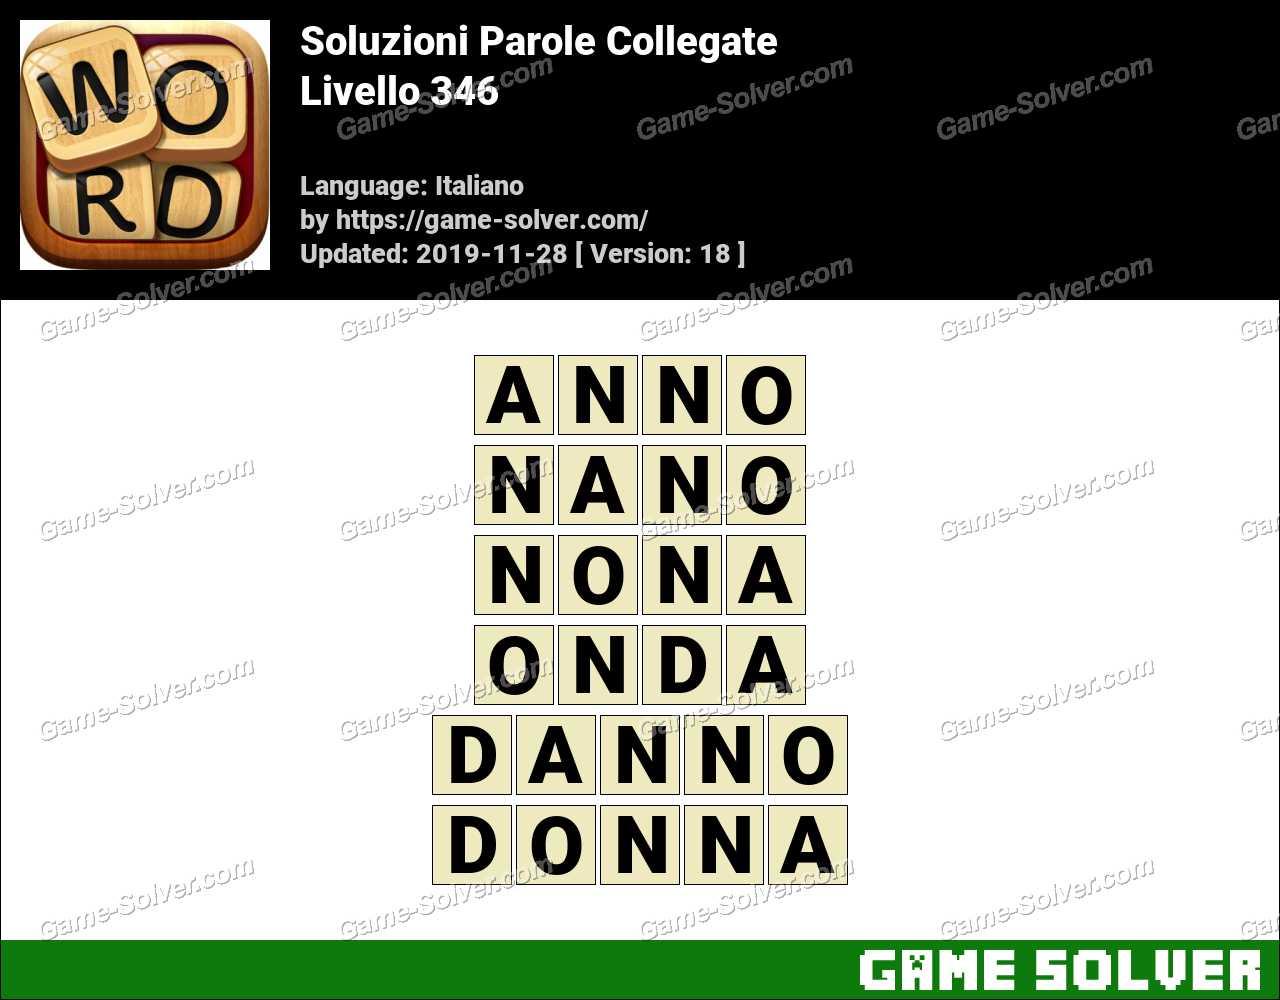 Soluzioni Parole Collegate Livello 346